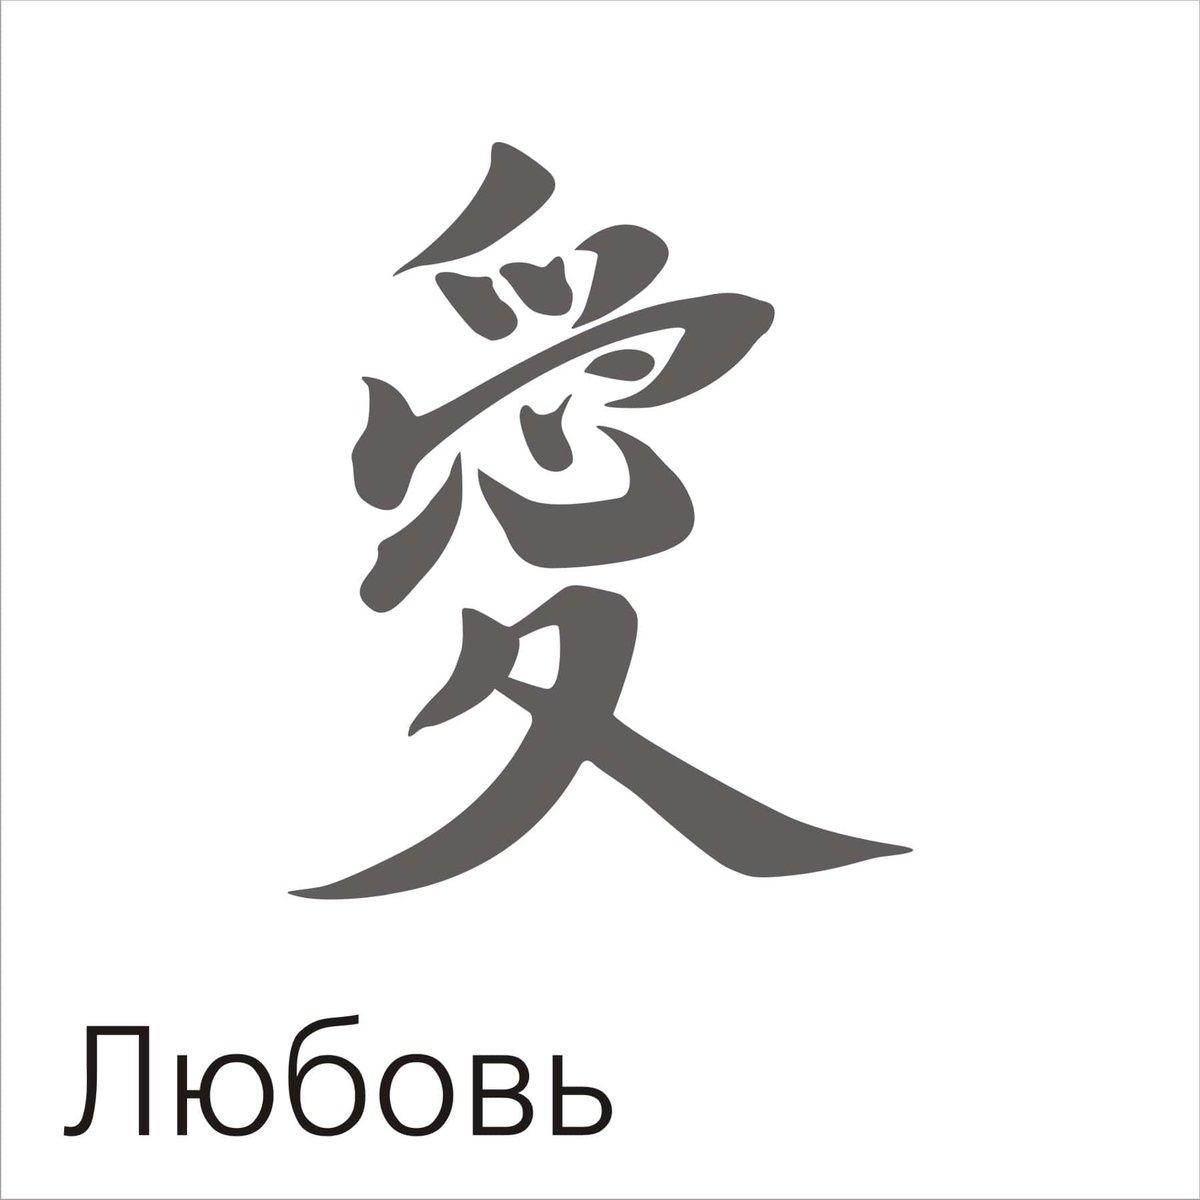 несут иероглифы картинки с обозначениями заказывать